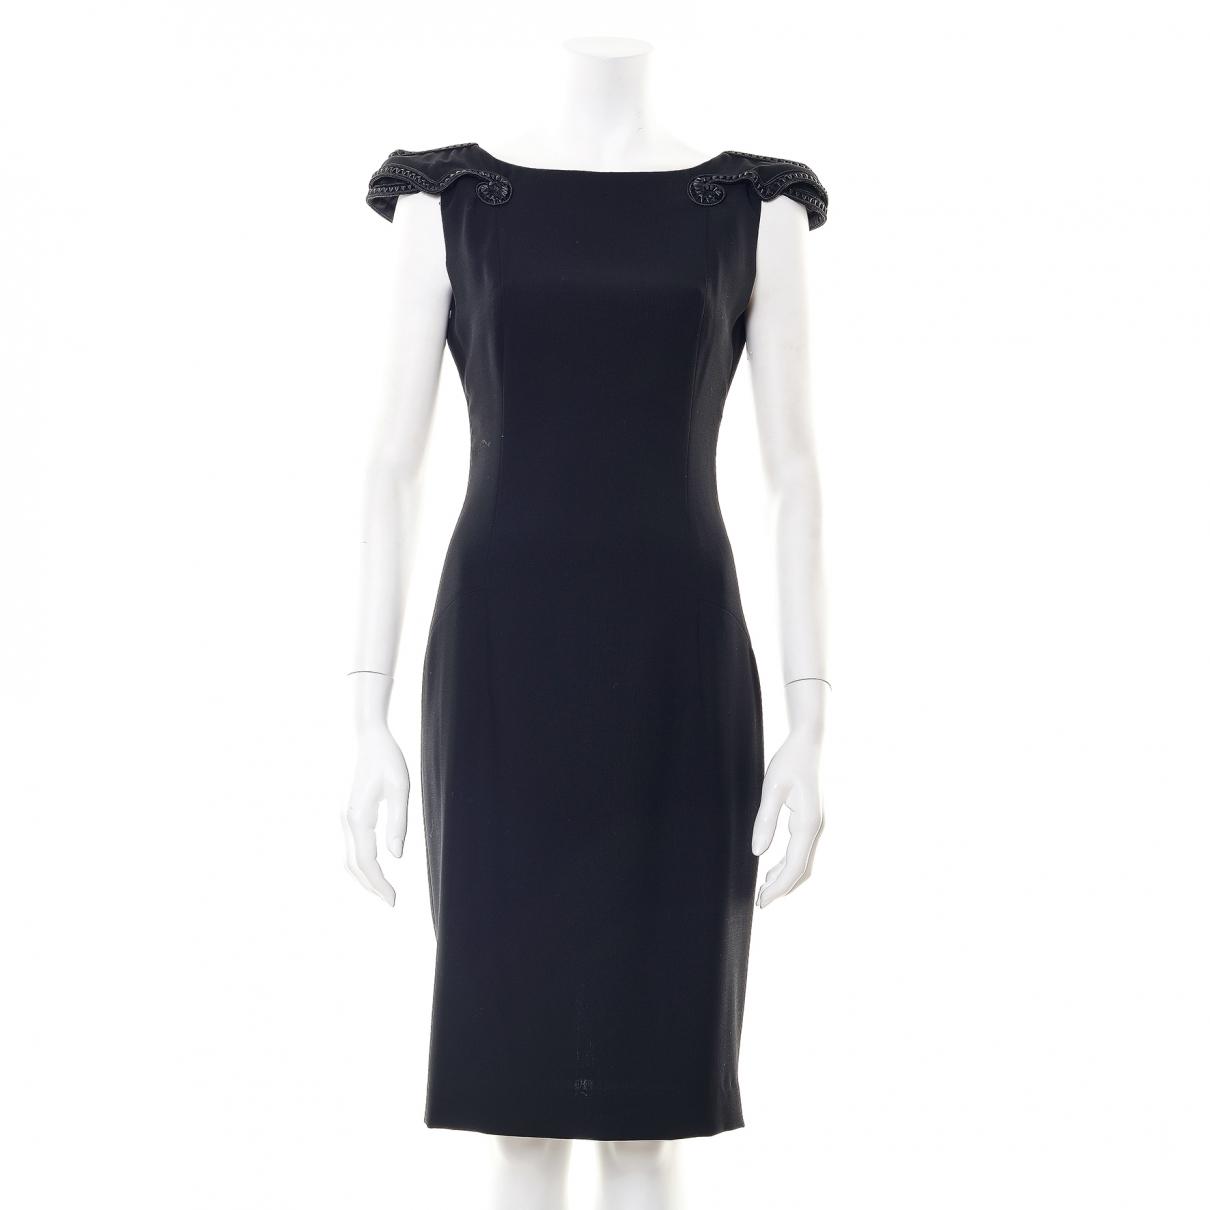 Lwren Scott \N Kleid in  Schwarz Wolle